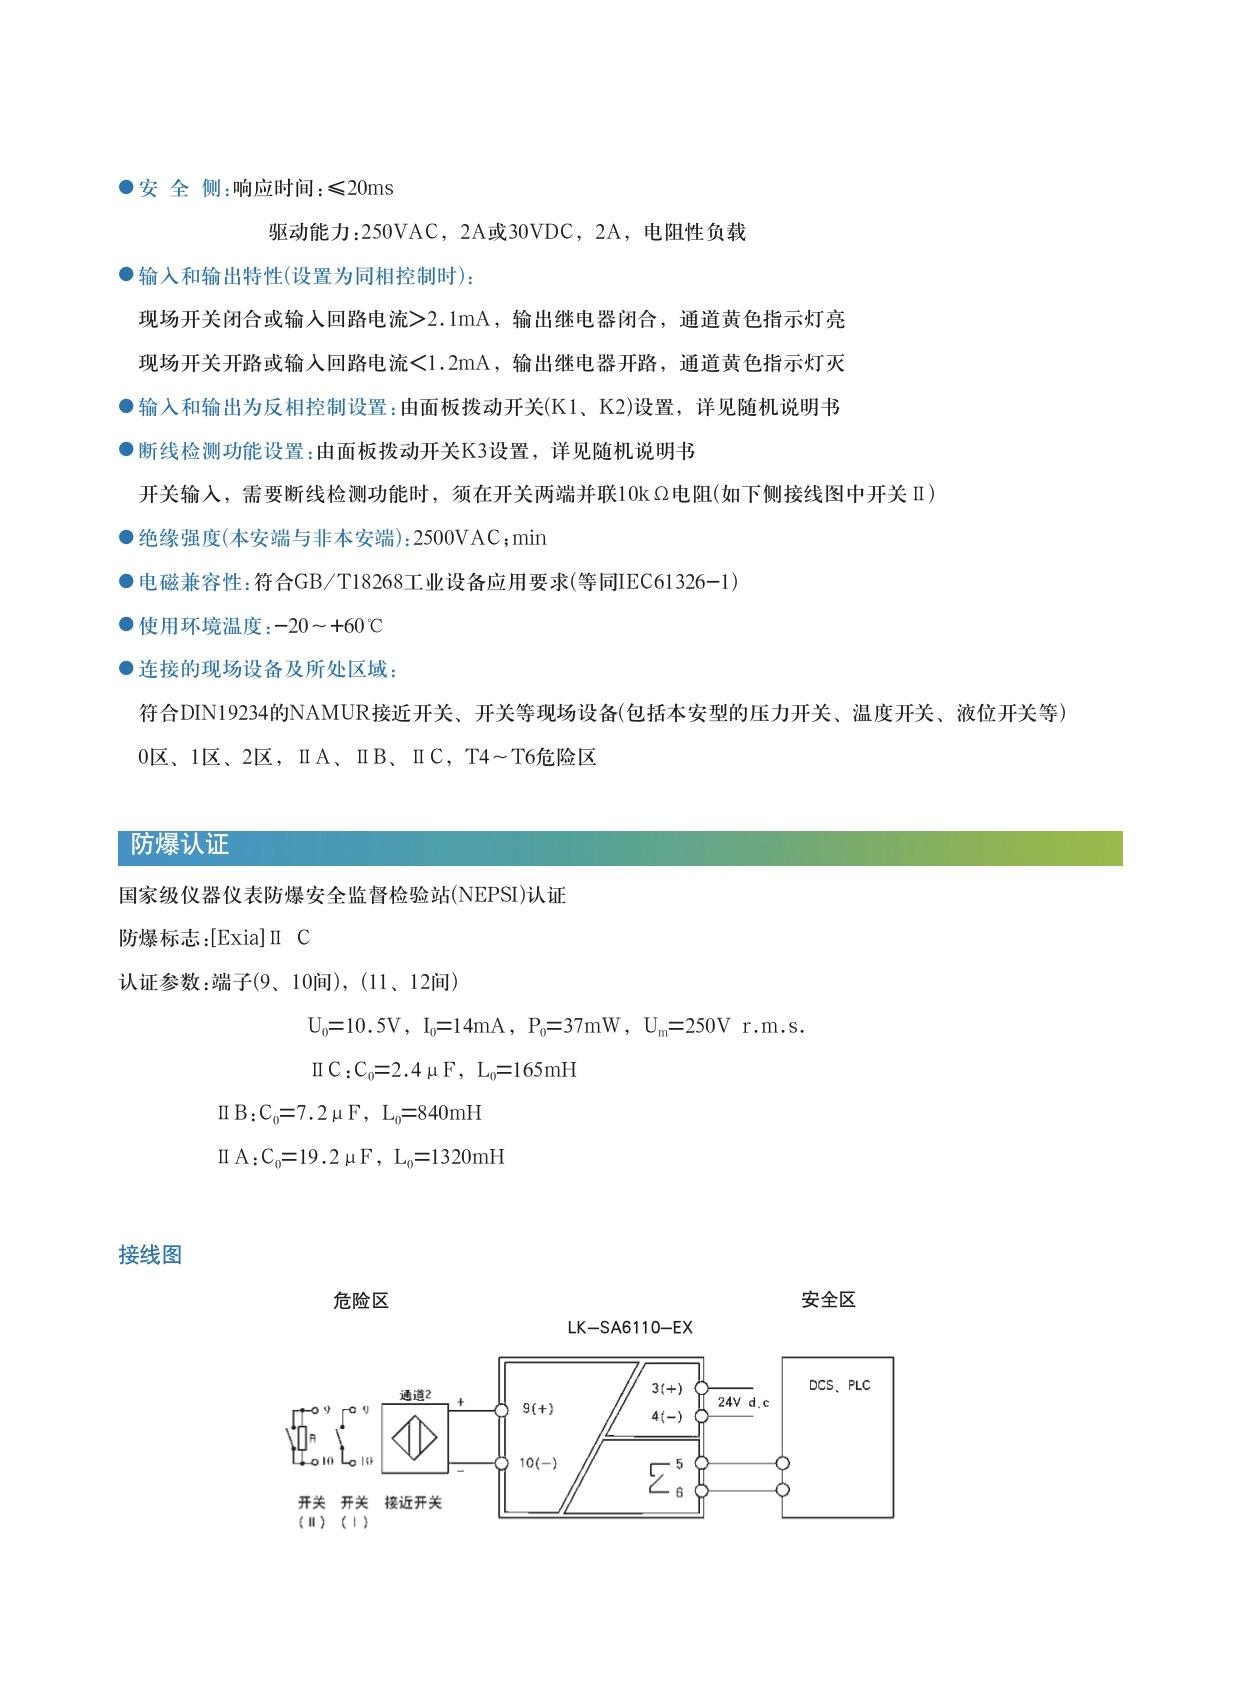 RH-SA6110-EX